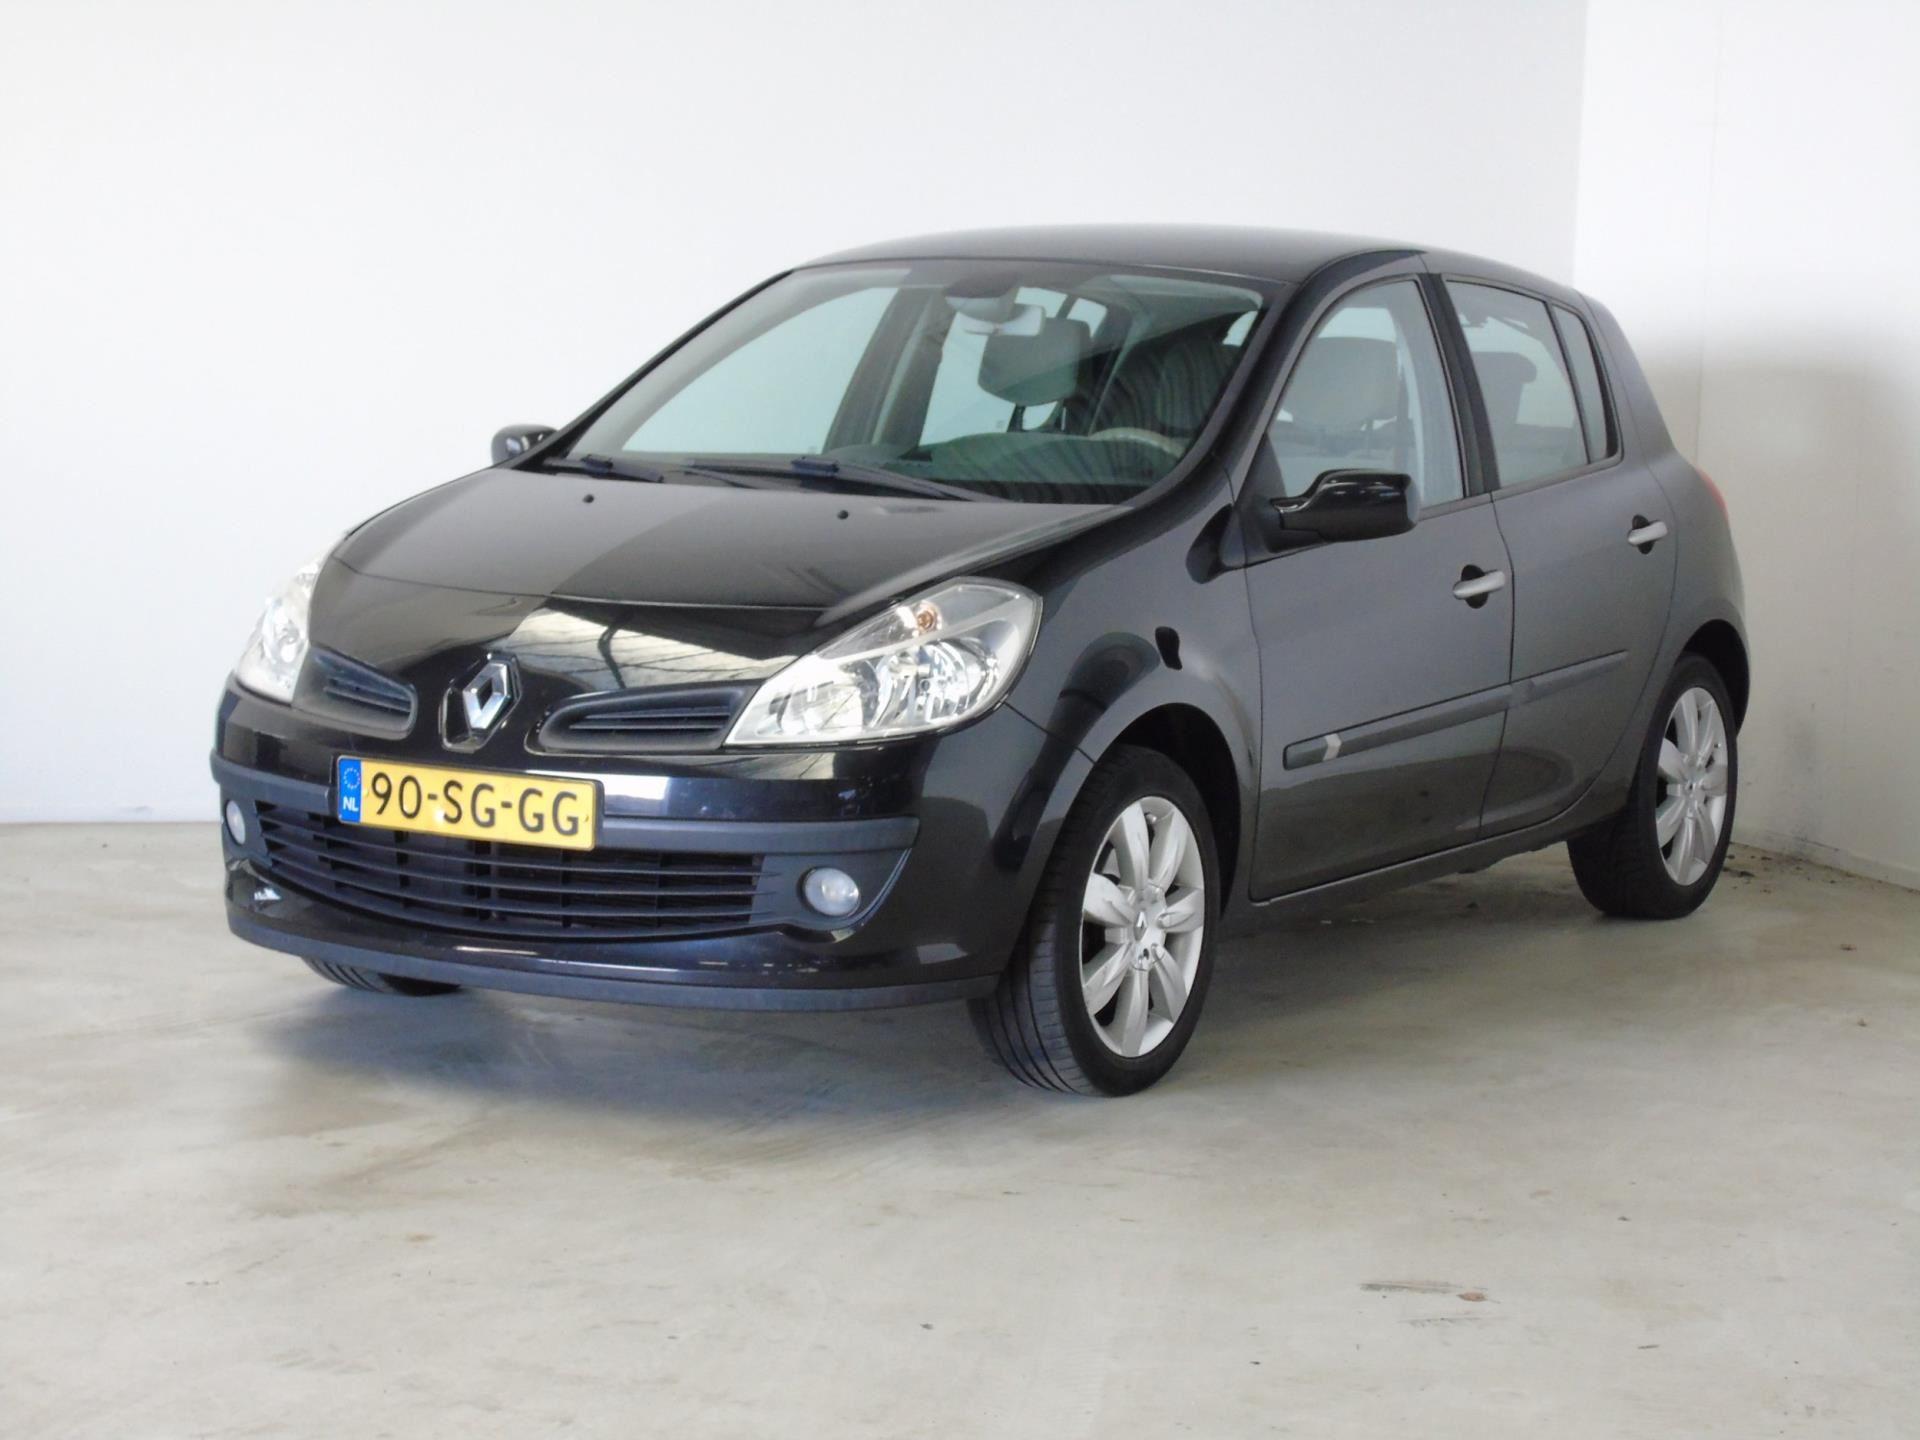 Renault Clio occasion - van Dijk auto's